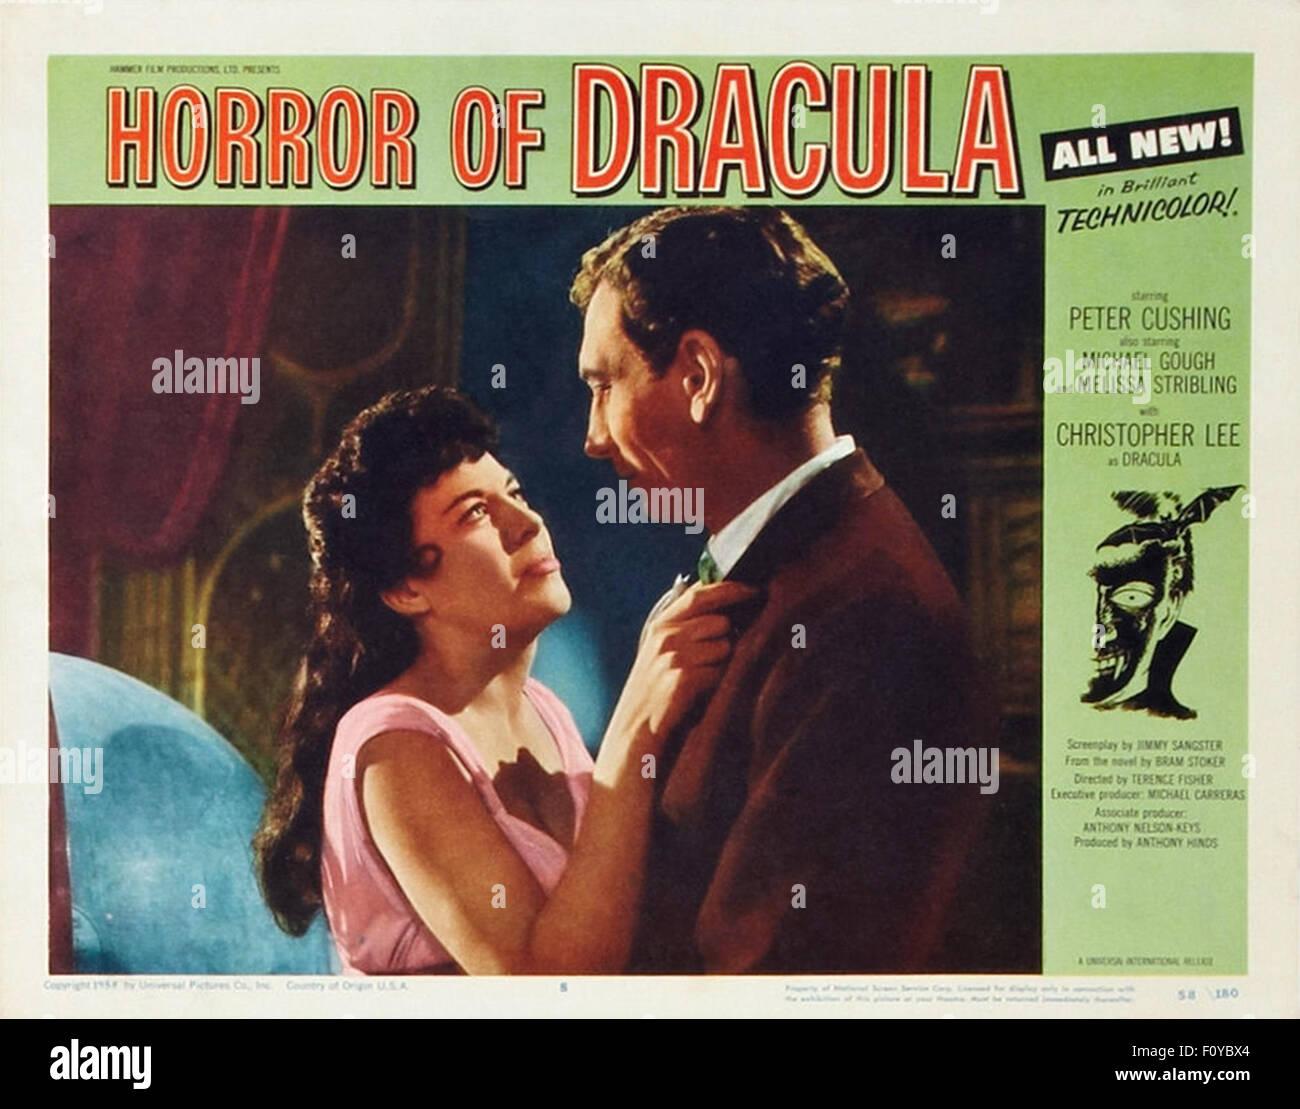 L'orrore di Dracula - 19 - poster del filmato Immagini Stock